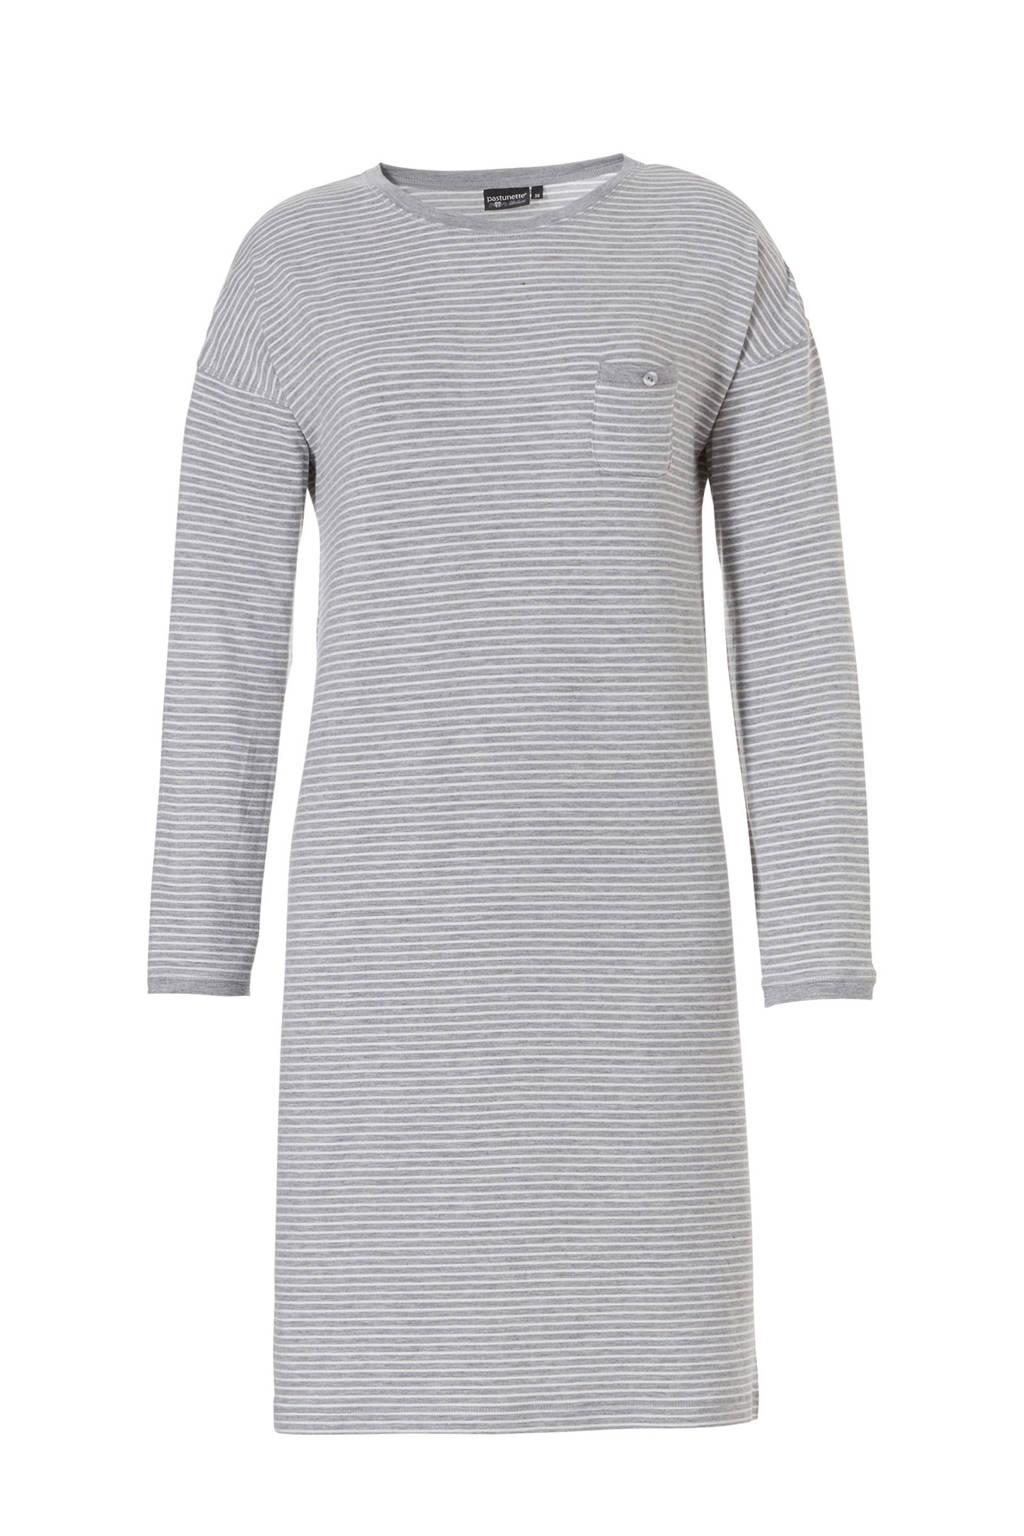 Pastunette Deluxe gestreept nachthemd grijs, Grijs